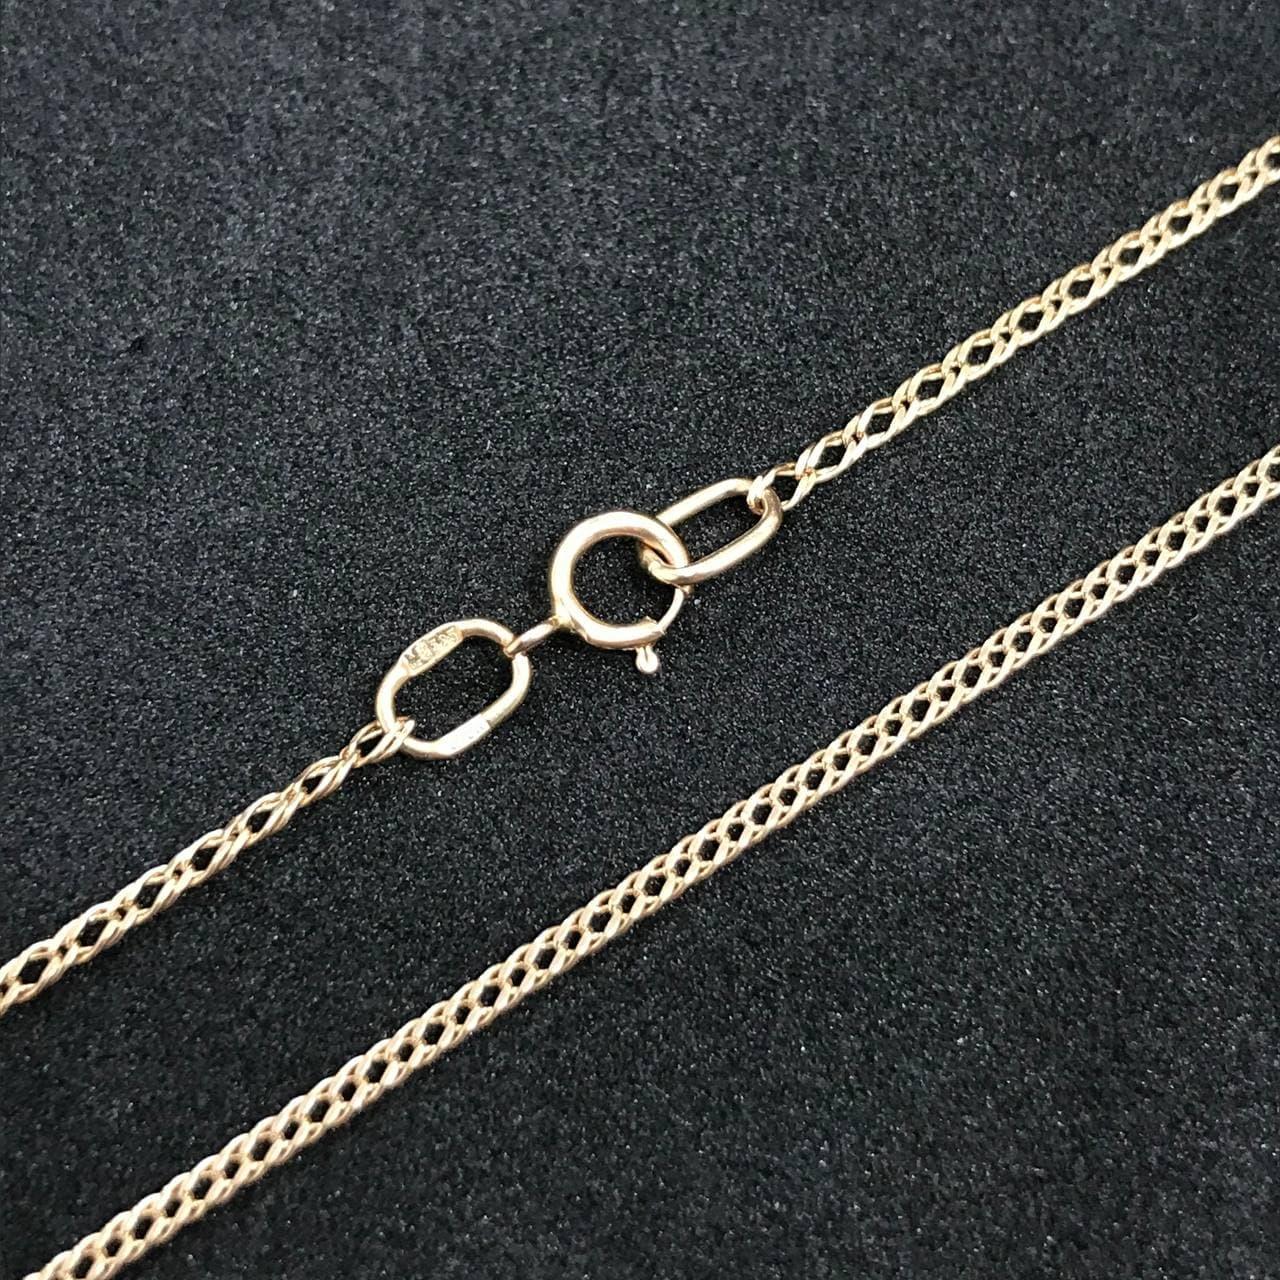 Золотая цепочка Б/У на шею 585 пробы, плетение Двойной ромб, вес 2.49 г